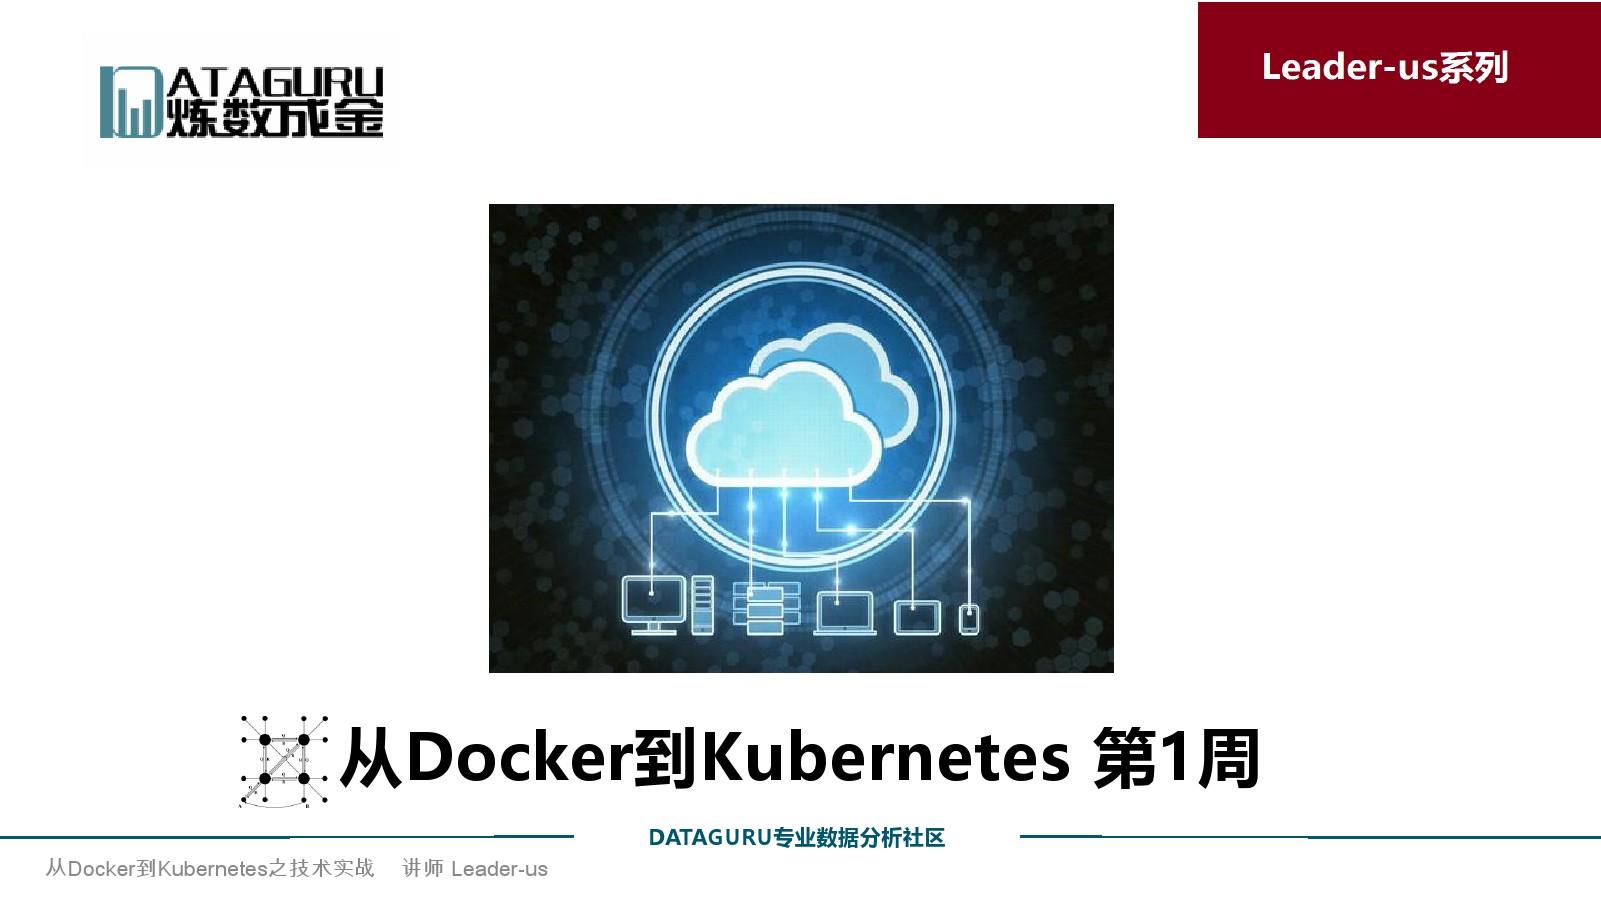 leaderus-从Docker到Kubernetes